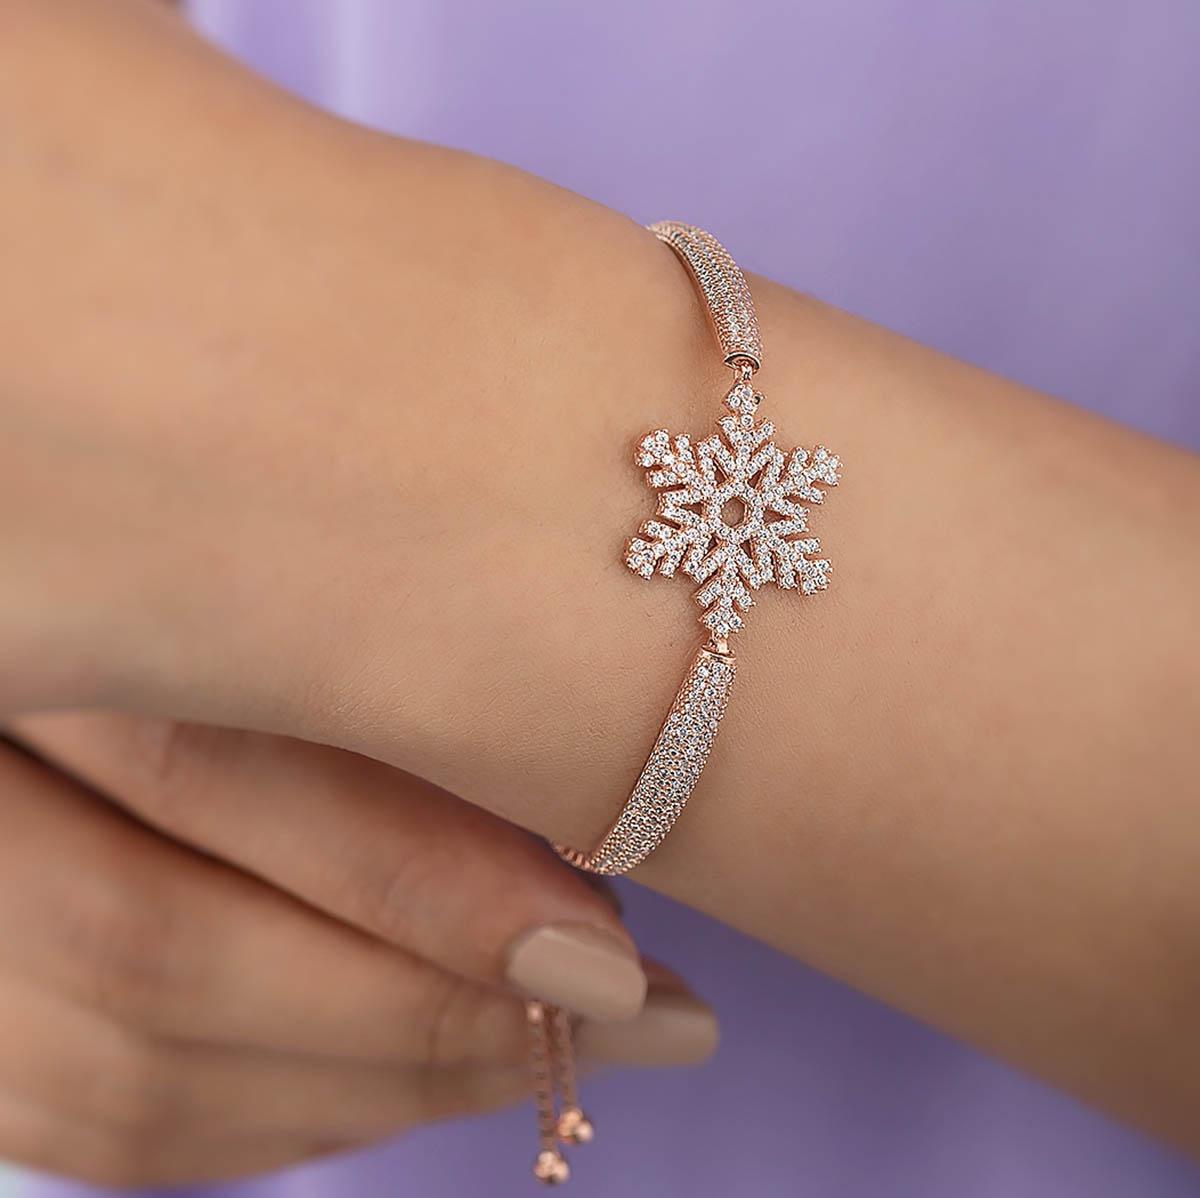 Gümüş Pazarım - Kar Tanesi Motifli Asansörlü Gümüş Bileklik